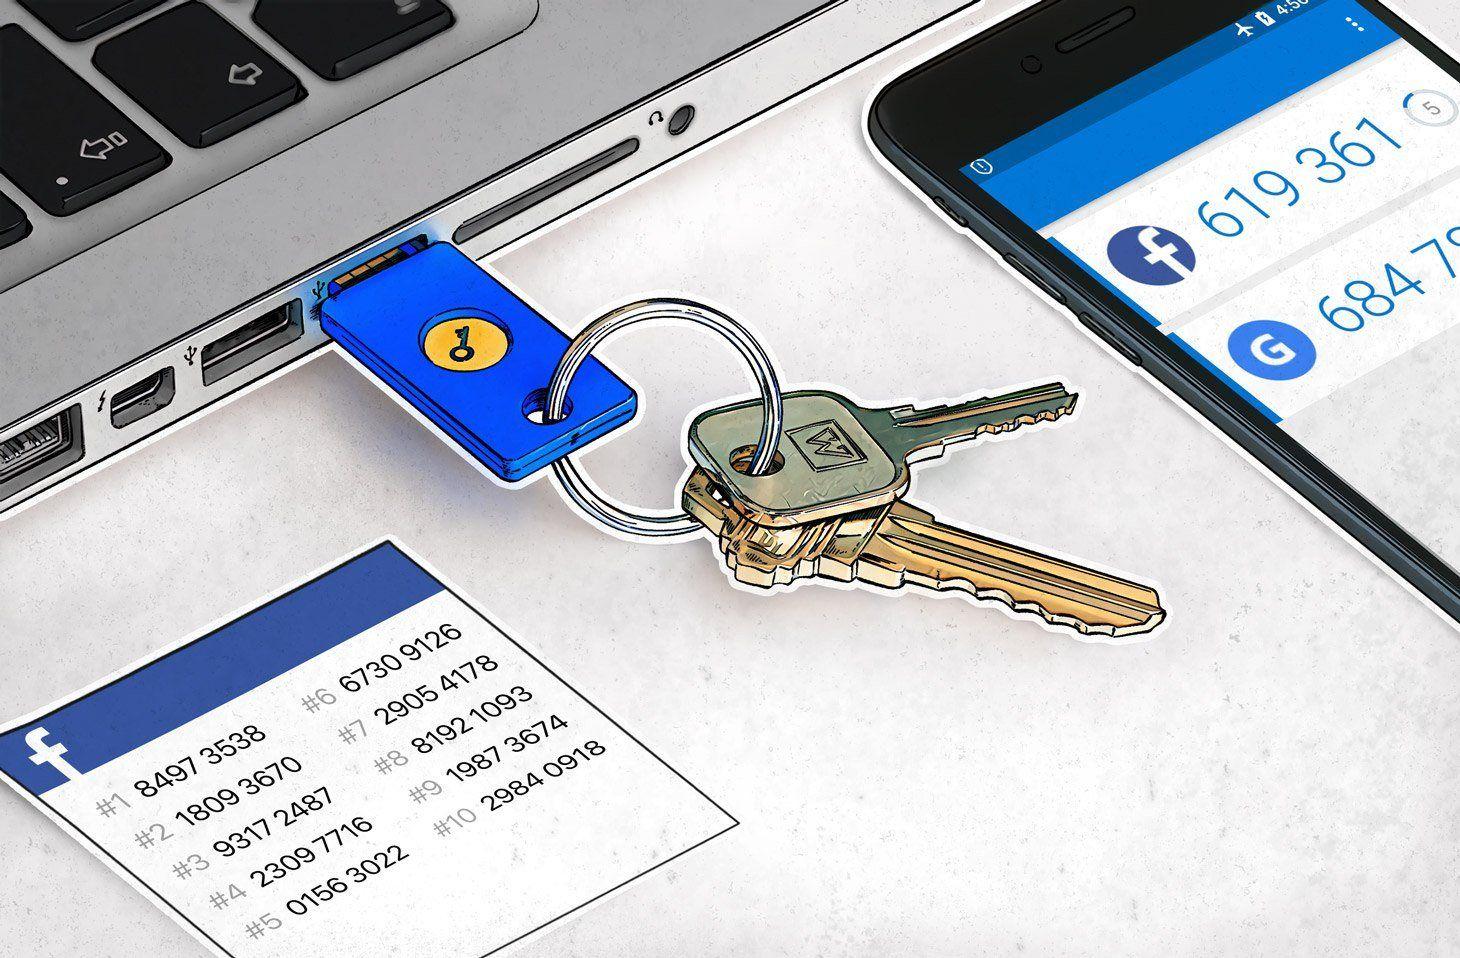 La autentificación de doble factor en SMS es insegura, ¿qué alternativas hay?